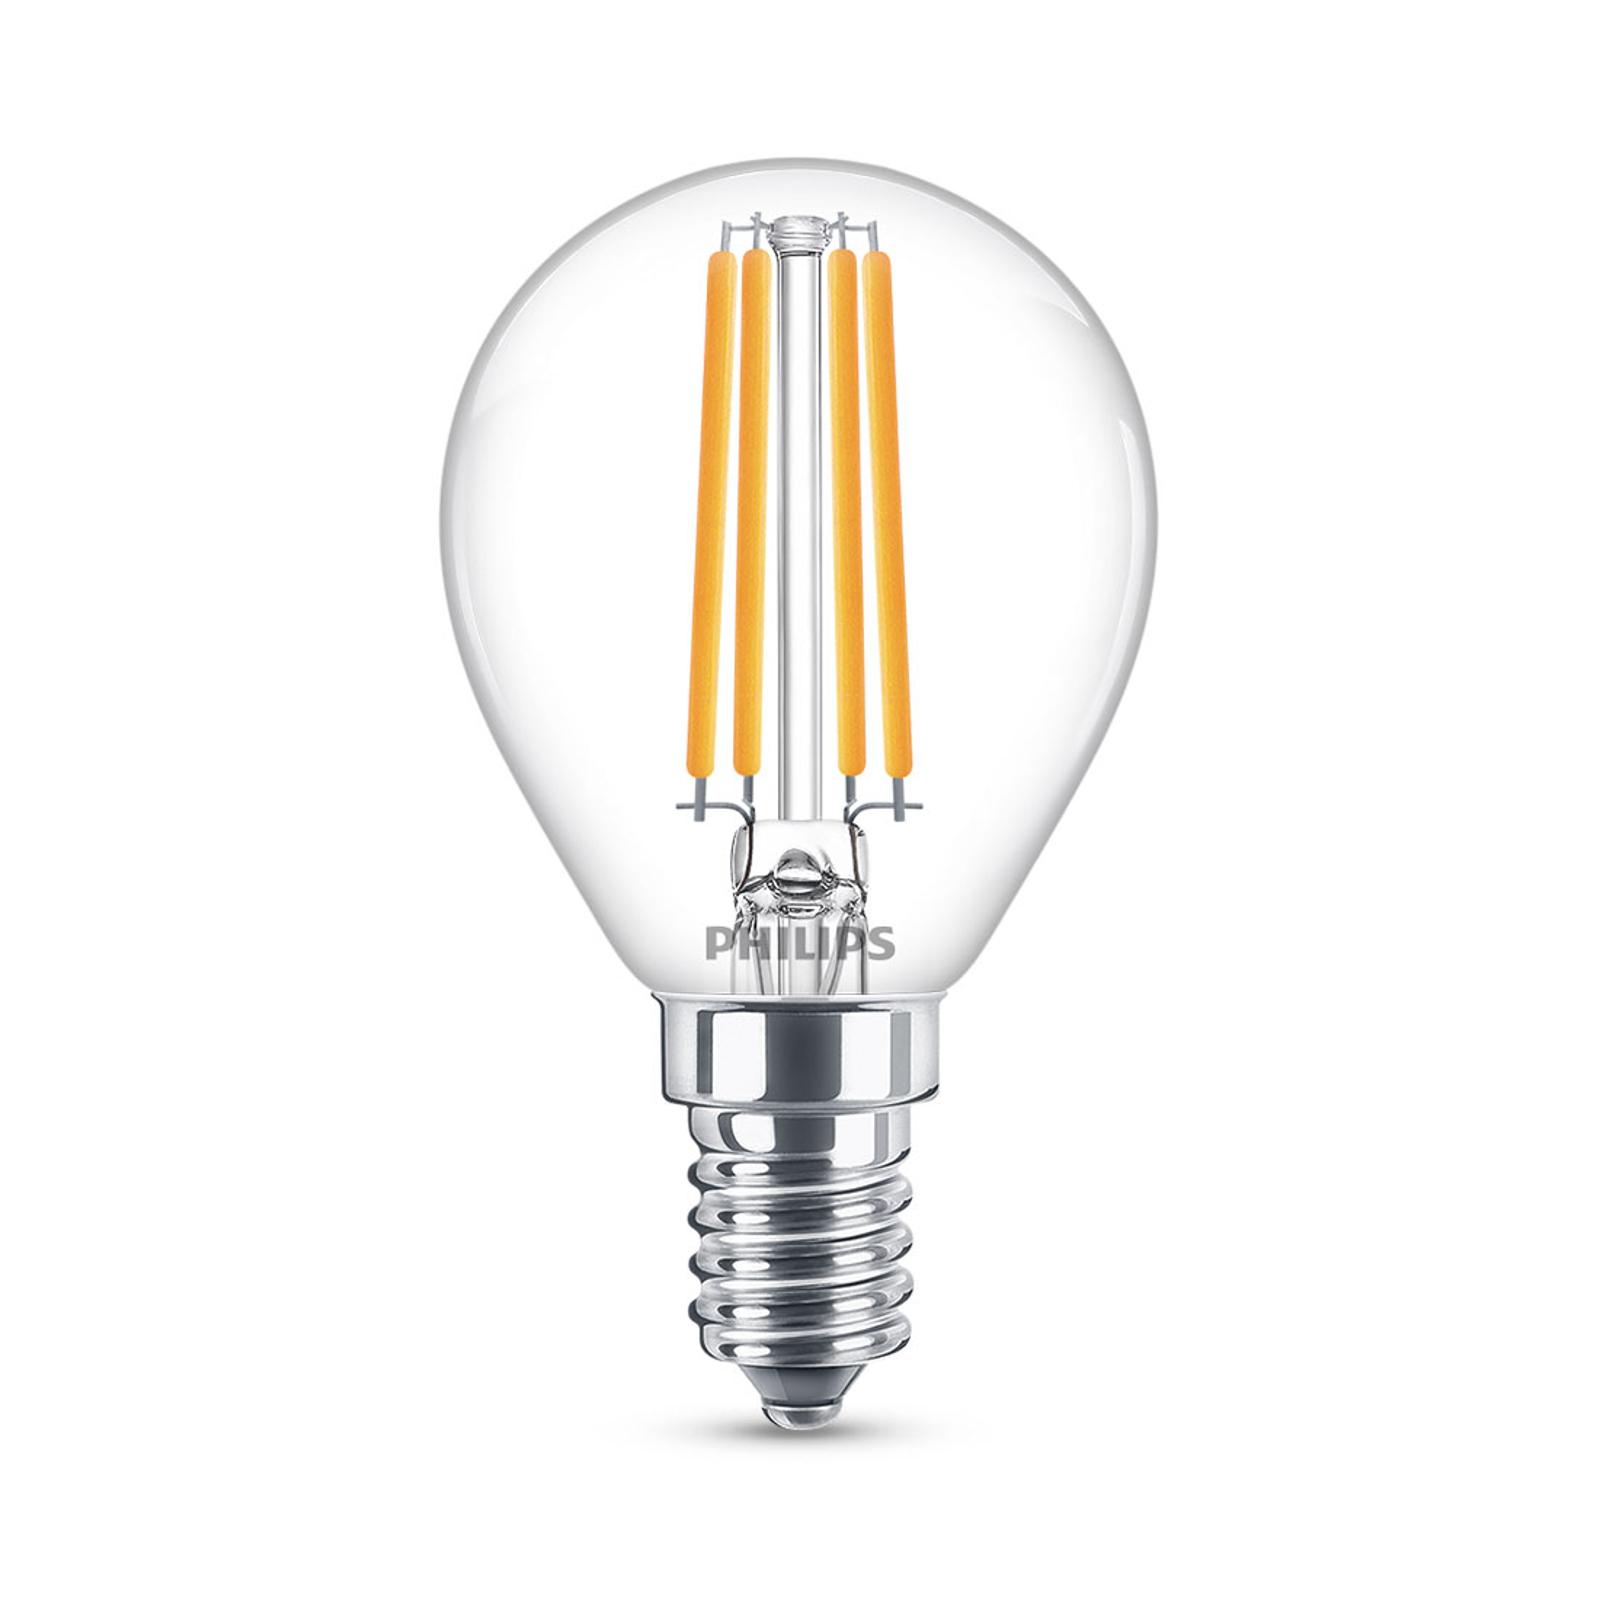 Philips Classic LED-lampa E14 P45 6,5W 2700K